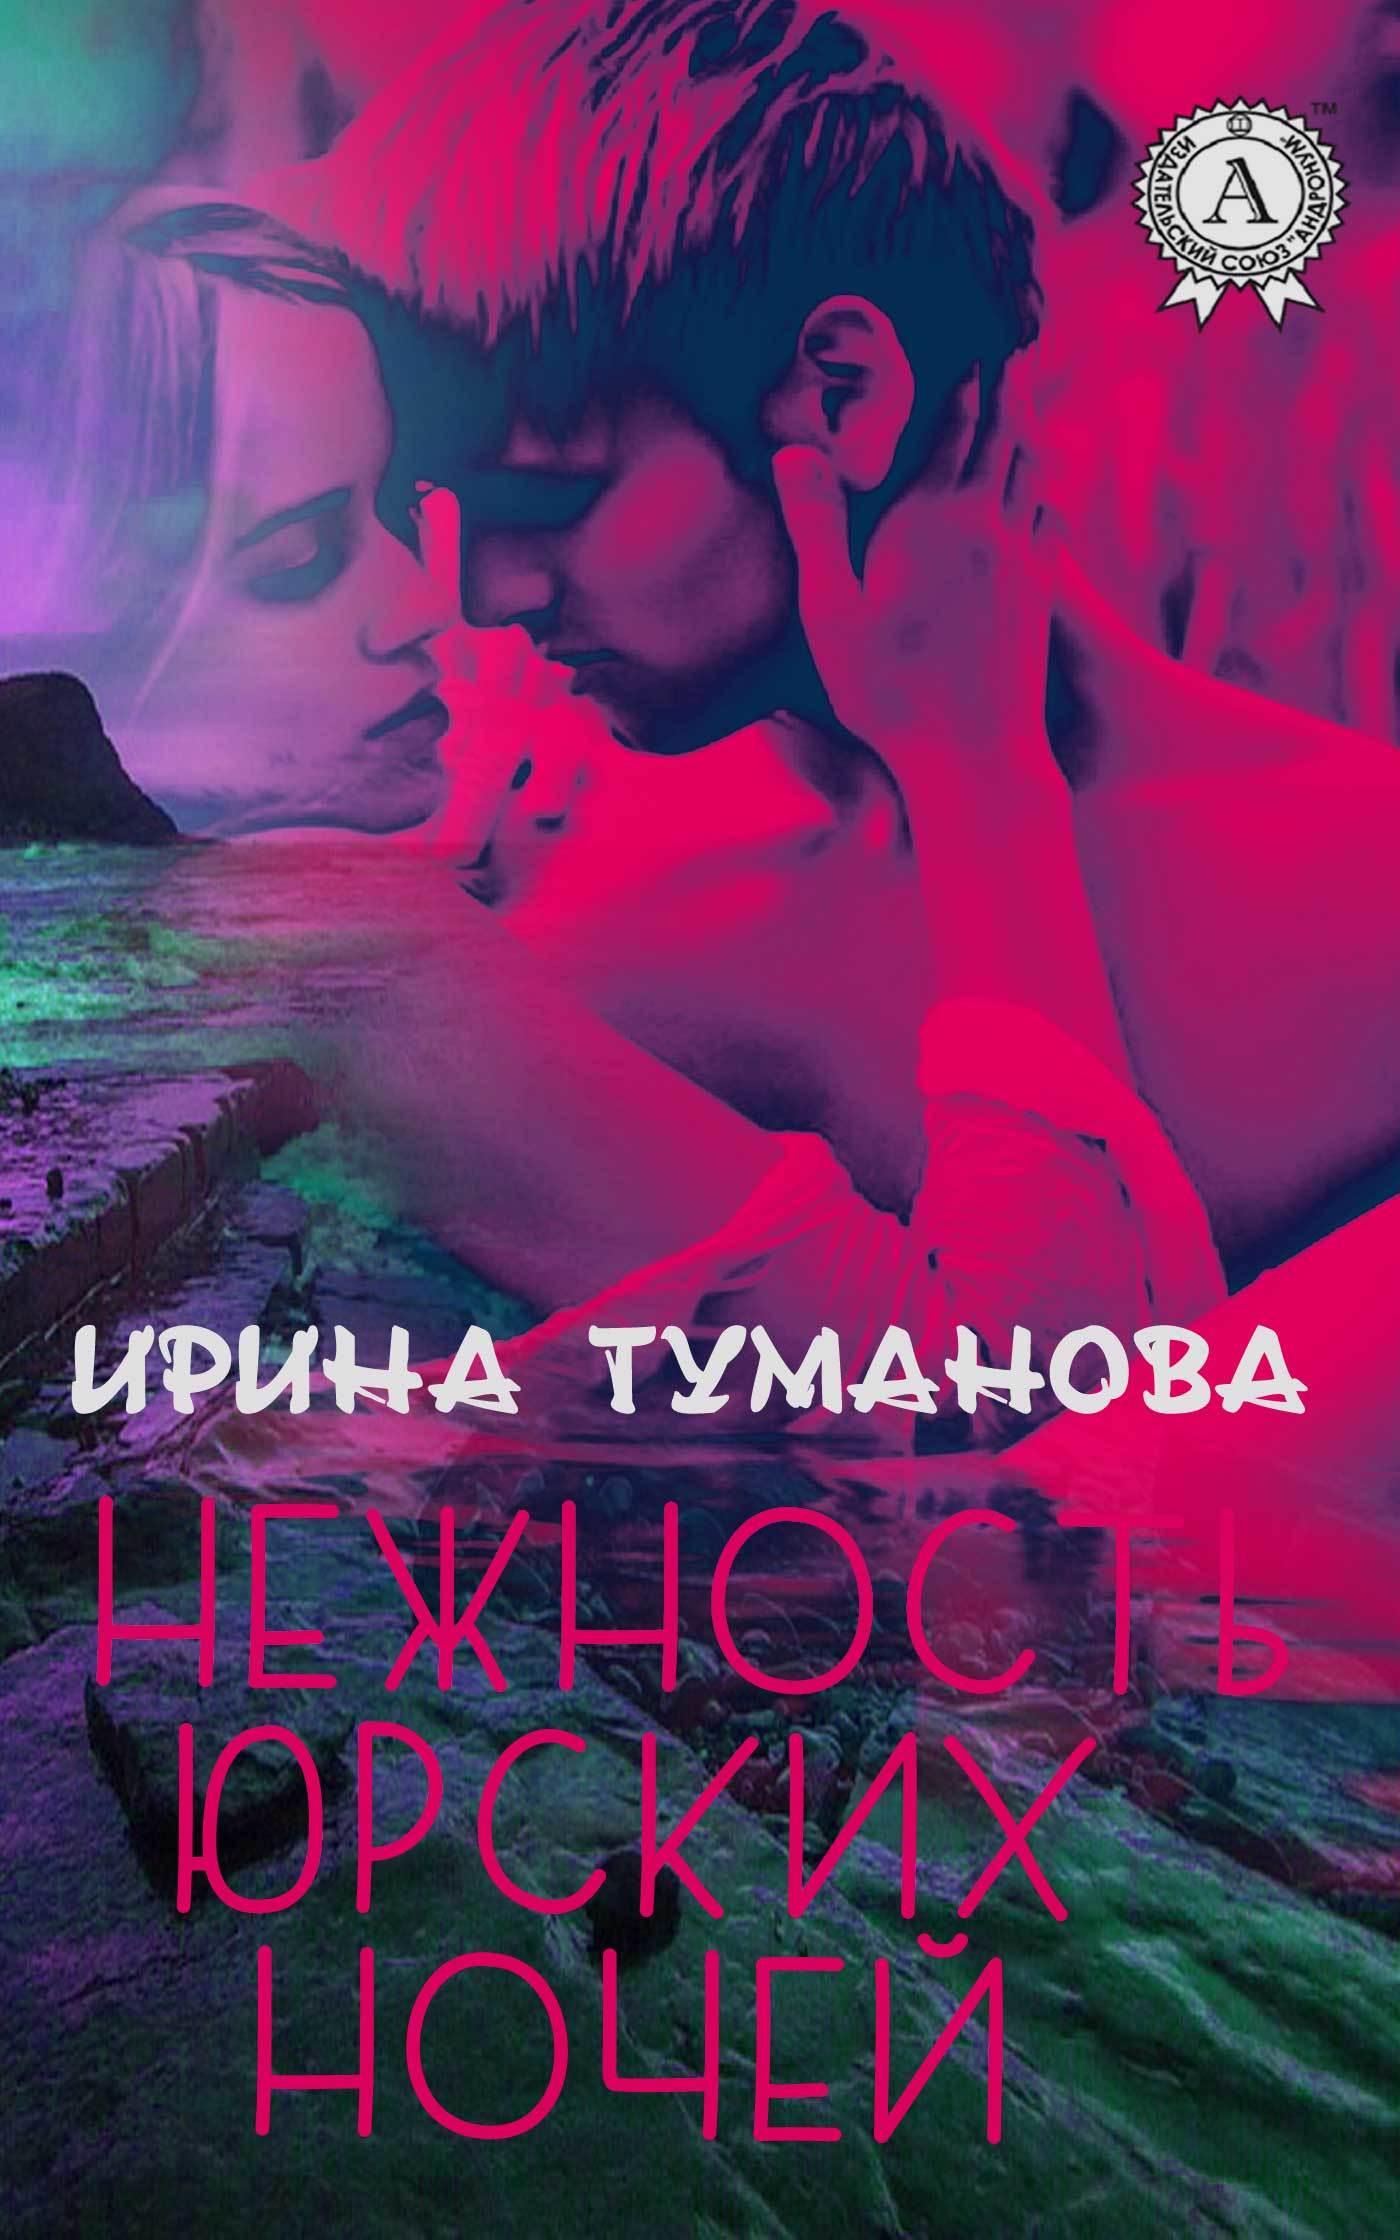 Ирина Туманова. Нежность юрских ночей